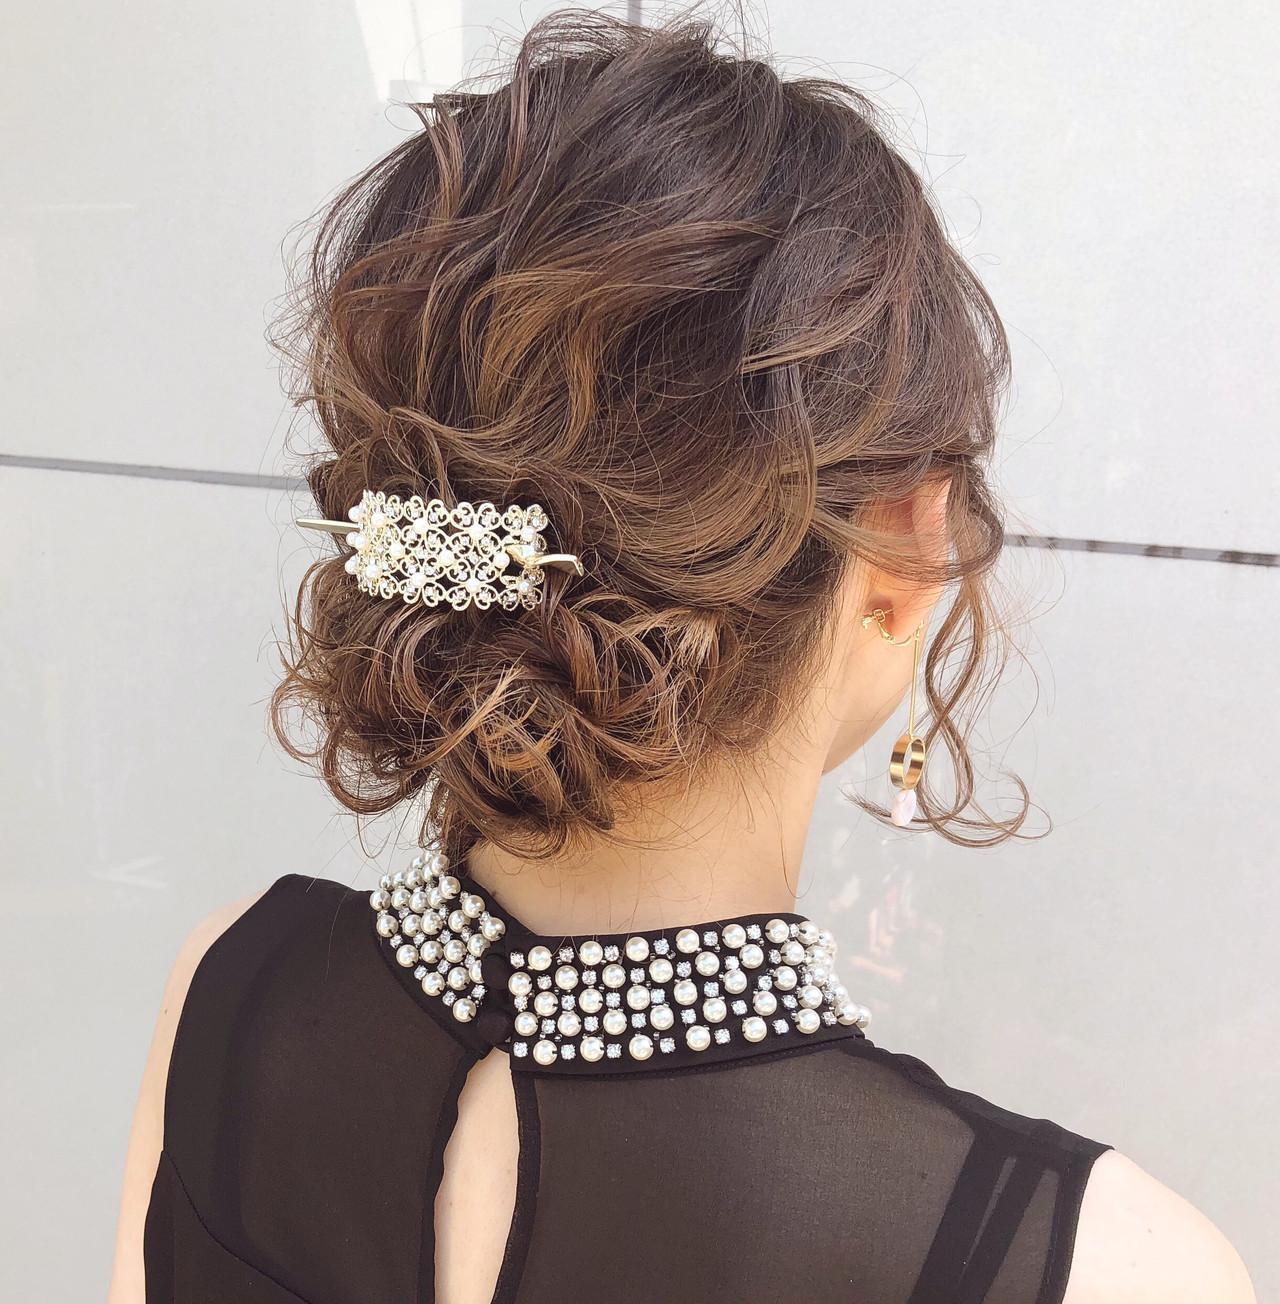 アンニュイほつれヘア ヘアアレンジ 簡単ヘアアレンジ 結婚式 ヘアスタイルや髪型の写真・画像